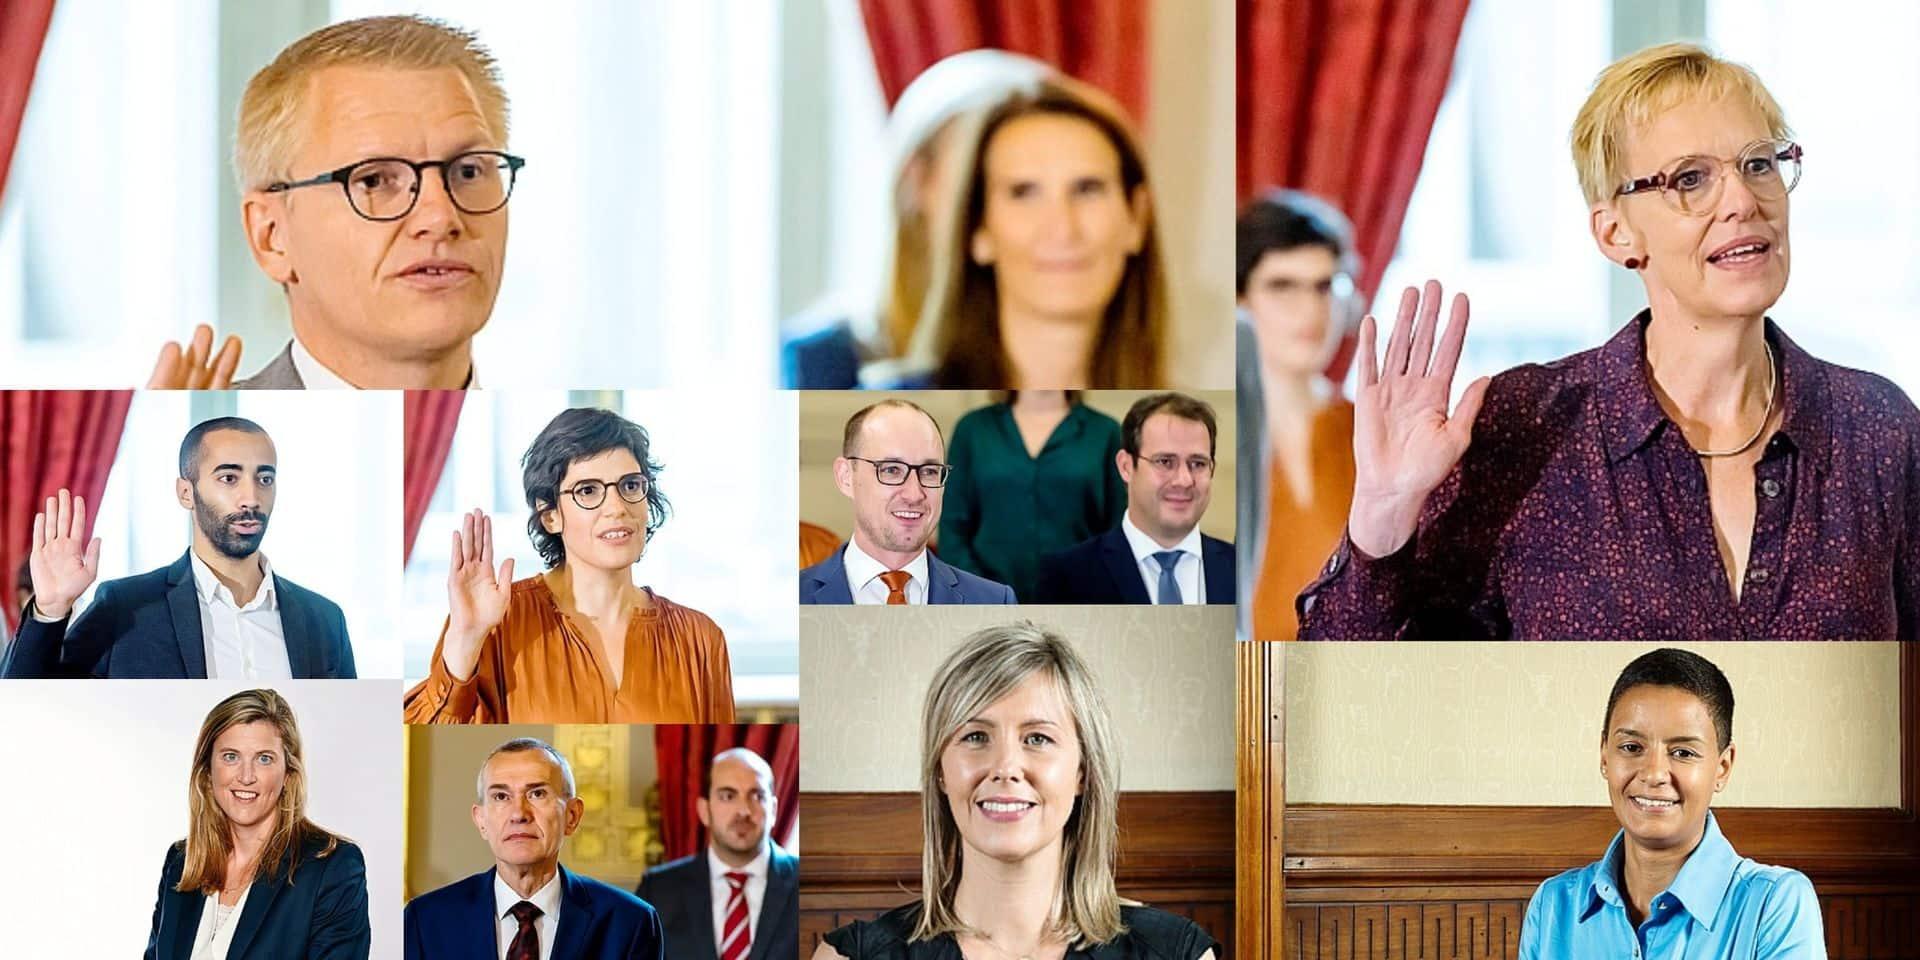 Nouveau casting fédéral : on décrypte le profils des 20 décideurs qui vont nous gouverner (PORTRAITS)